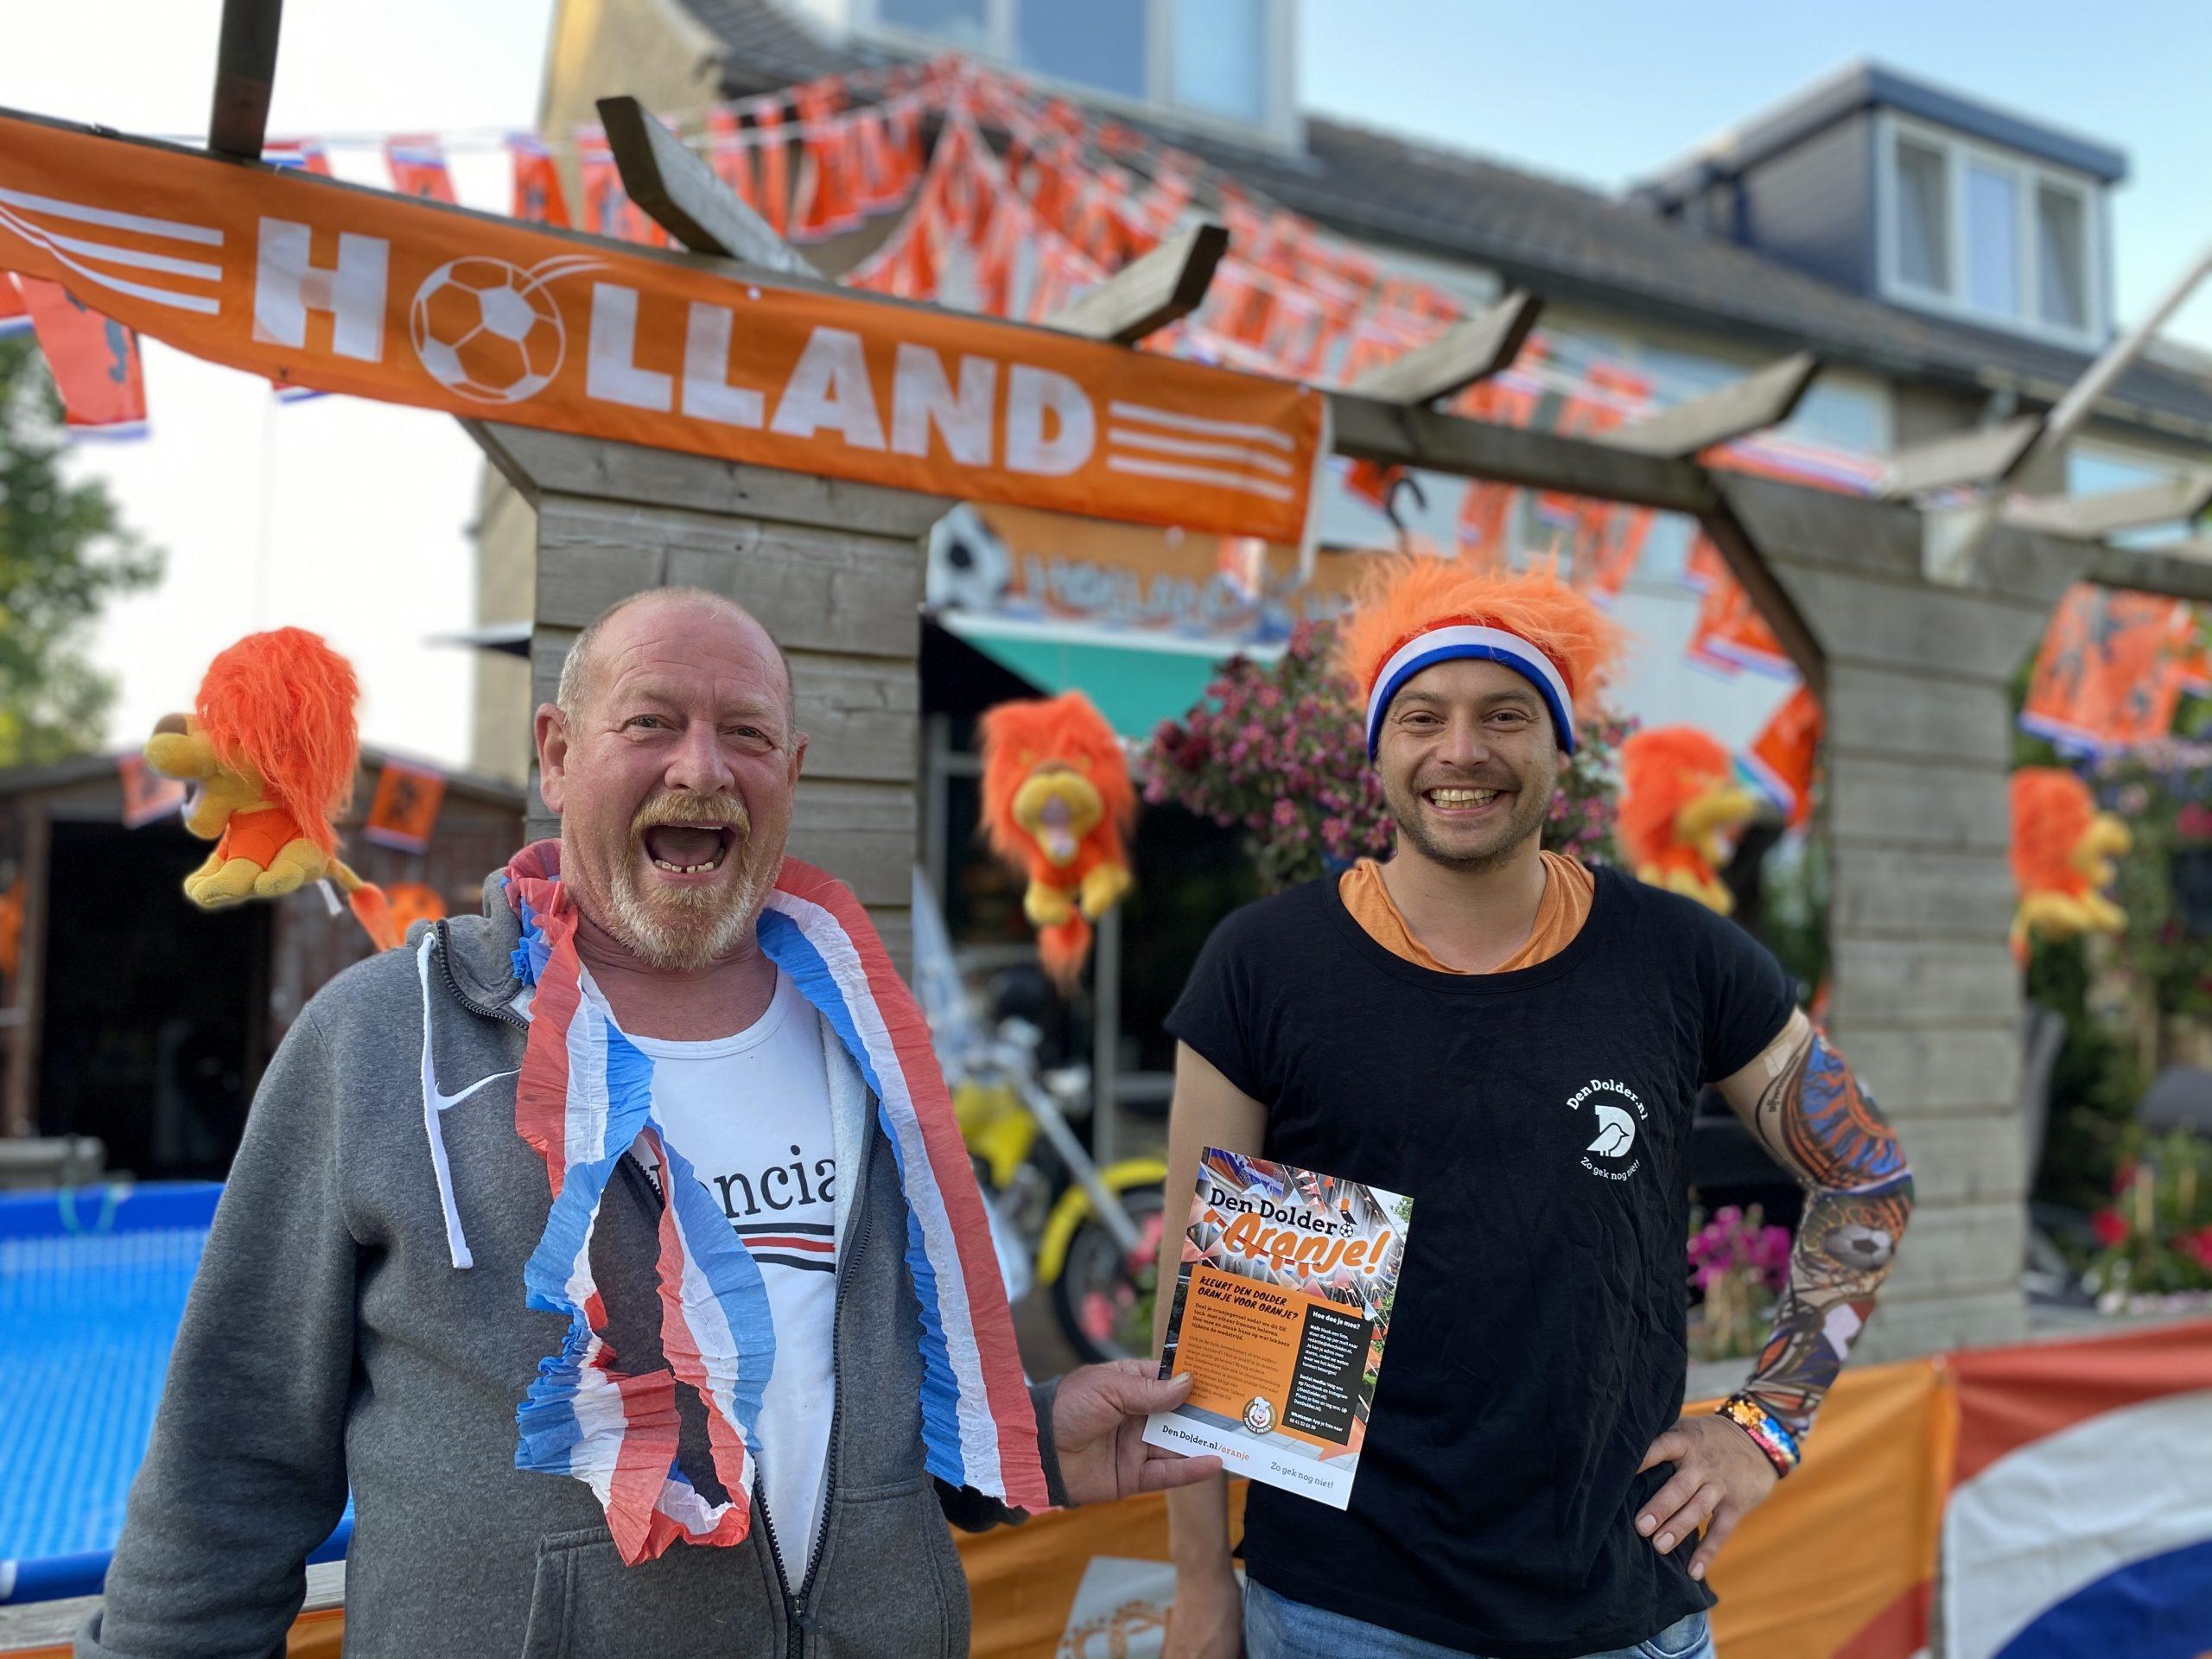 Kees de eerste winnaar EK Den Dolder Oranje Actie